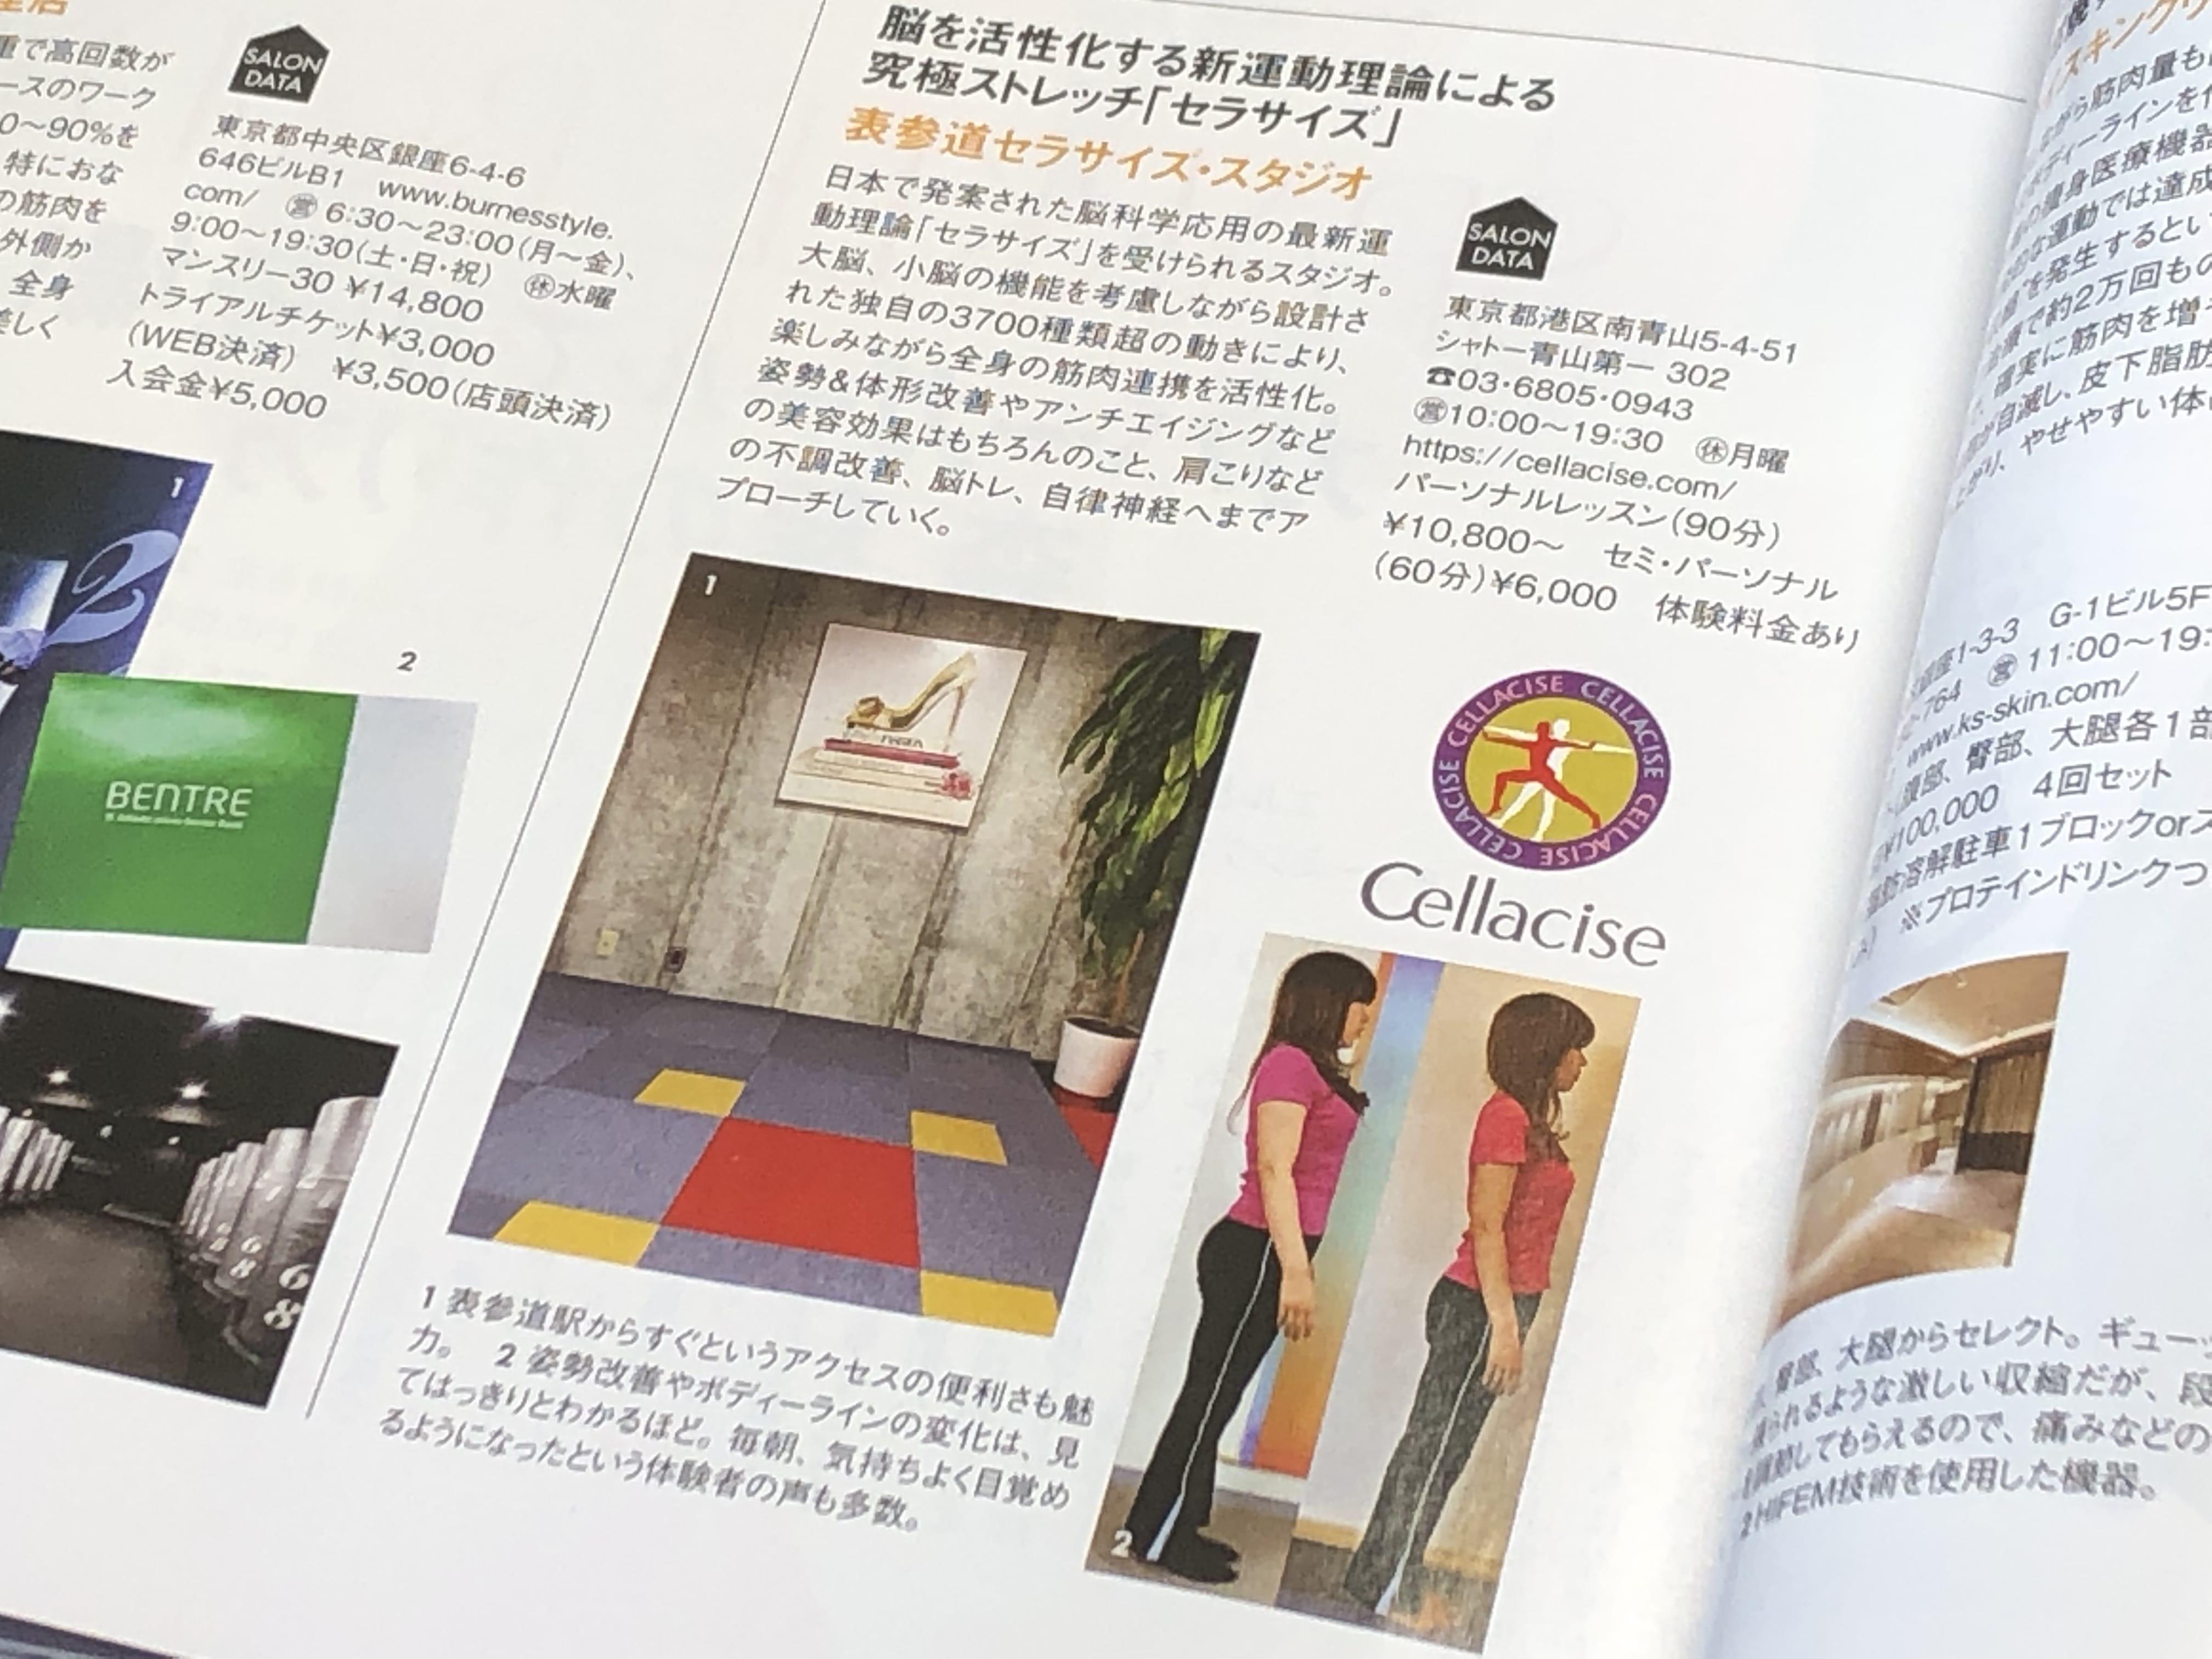 ELLE JAPON (エル・ジャポン) 2019 年 07 月号で「表参道セラサイズスタジオ」紹介されました!